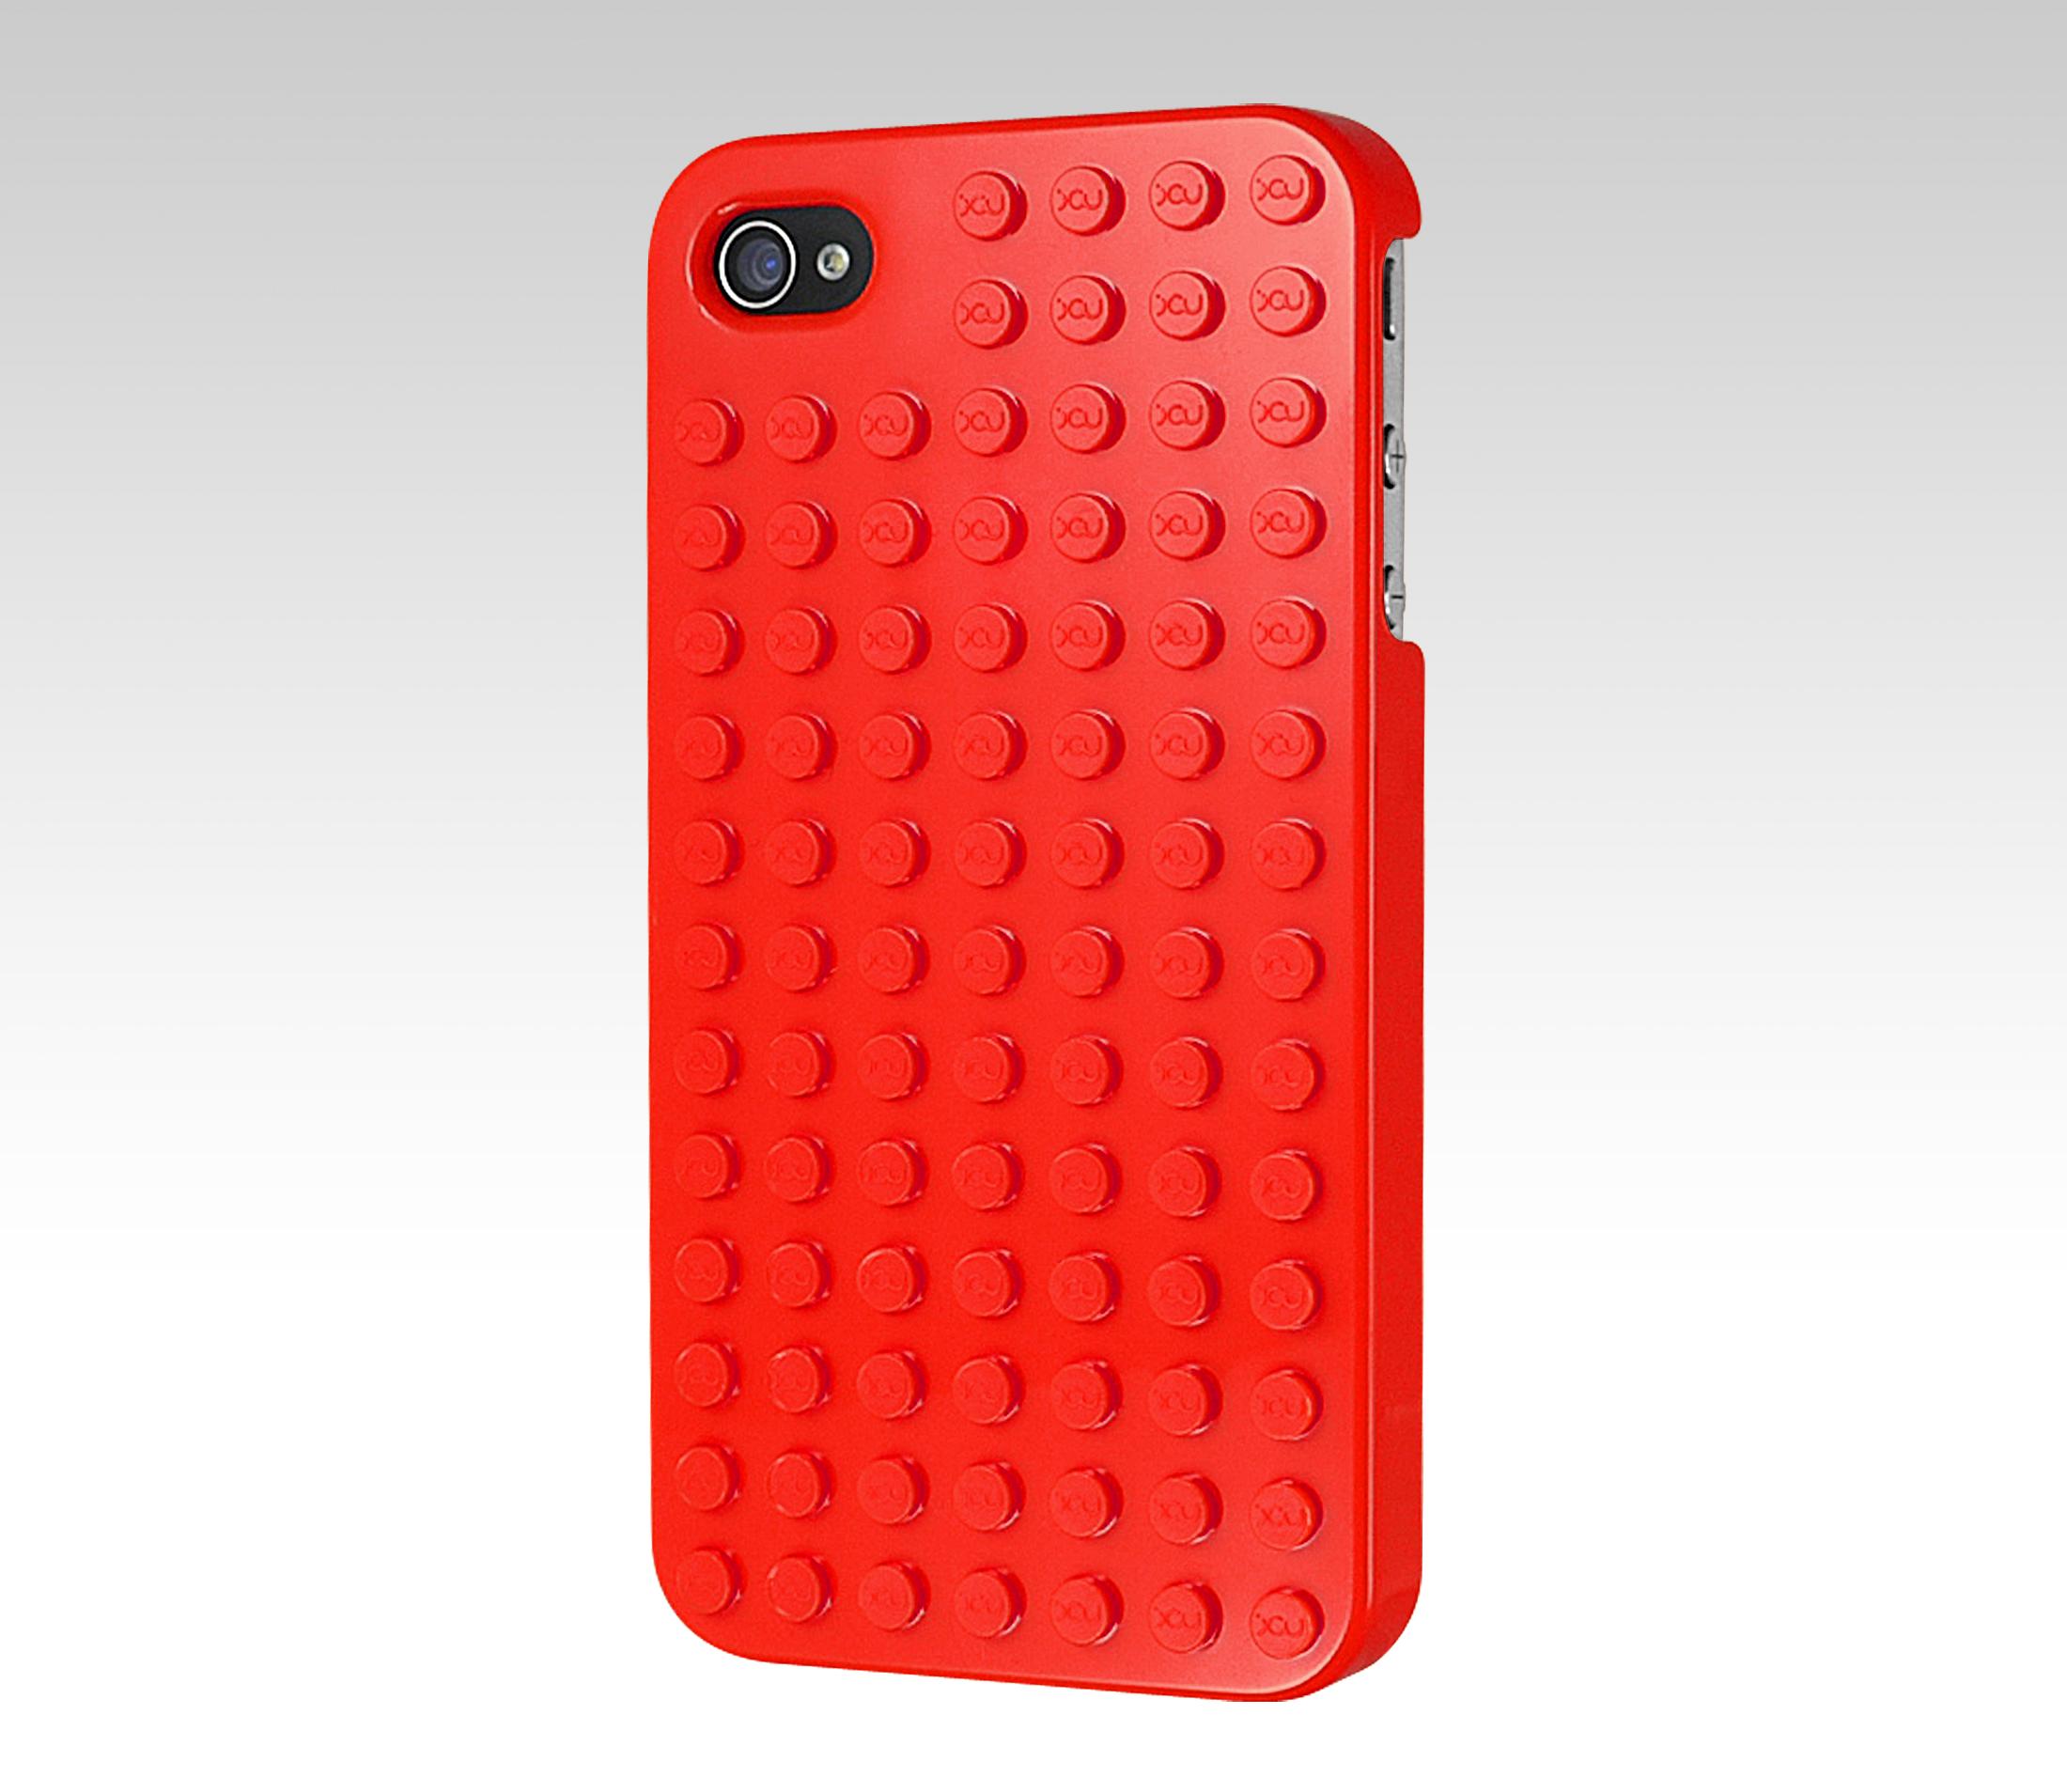 Lego-Hülle fürs iPhone und